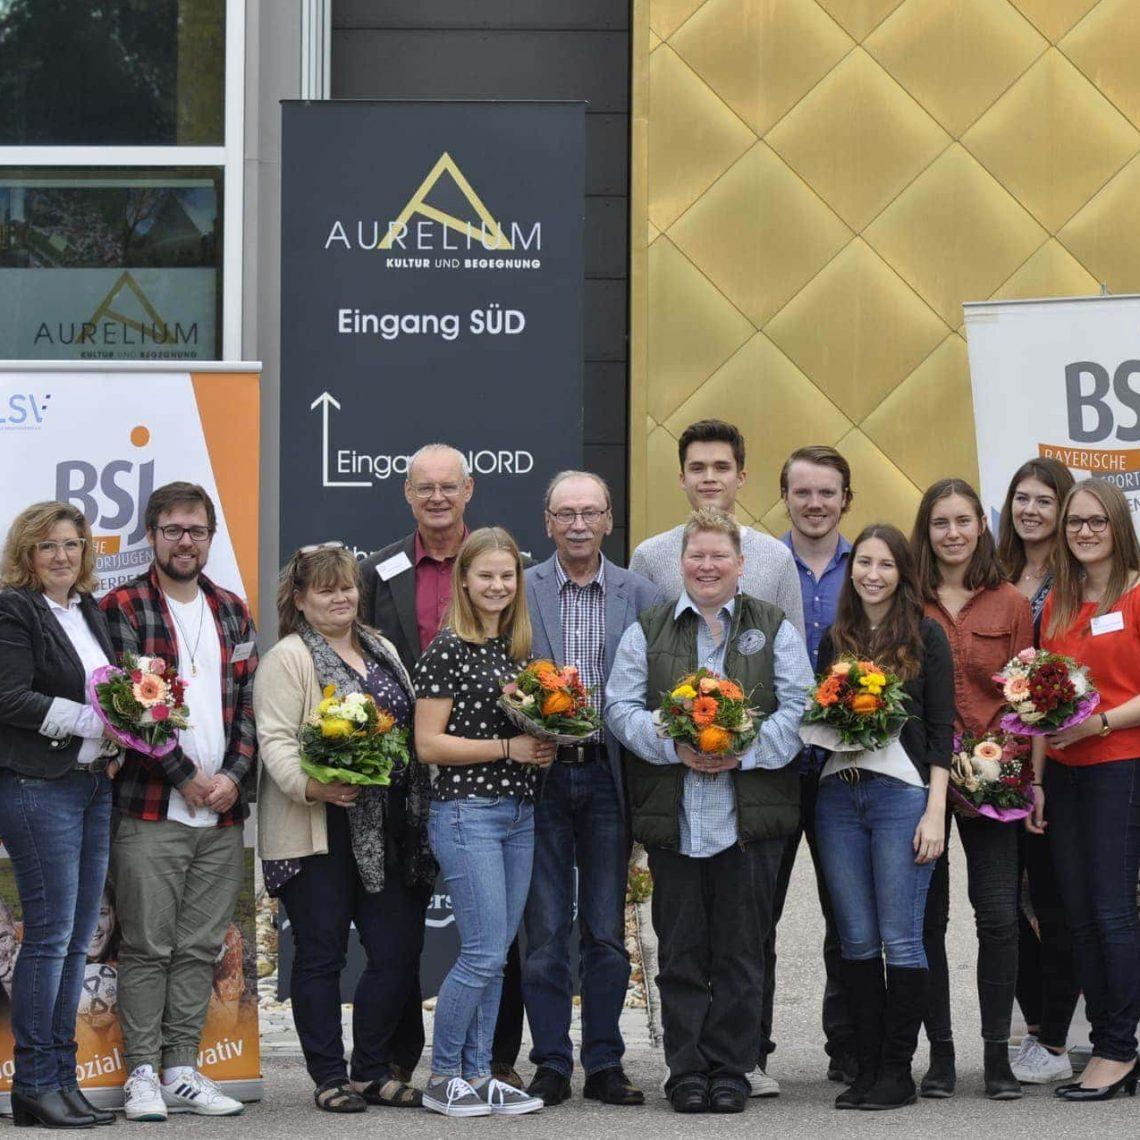 Blizz Leserreporter Sportjugend Regensburg: Neues Team für vier Jahre gewählt / Jugendaustausch und Bildung sind Arbeitsschwerpunkte